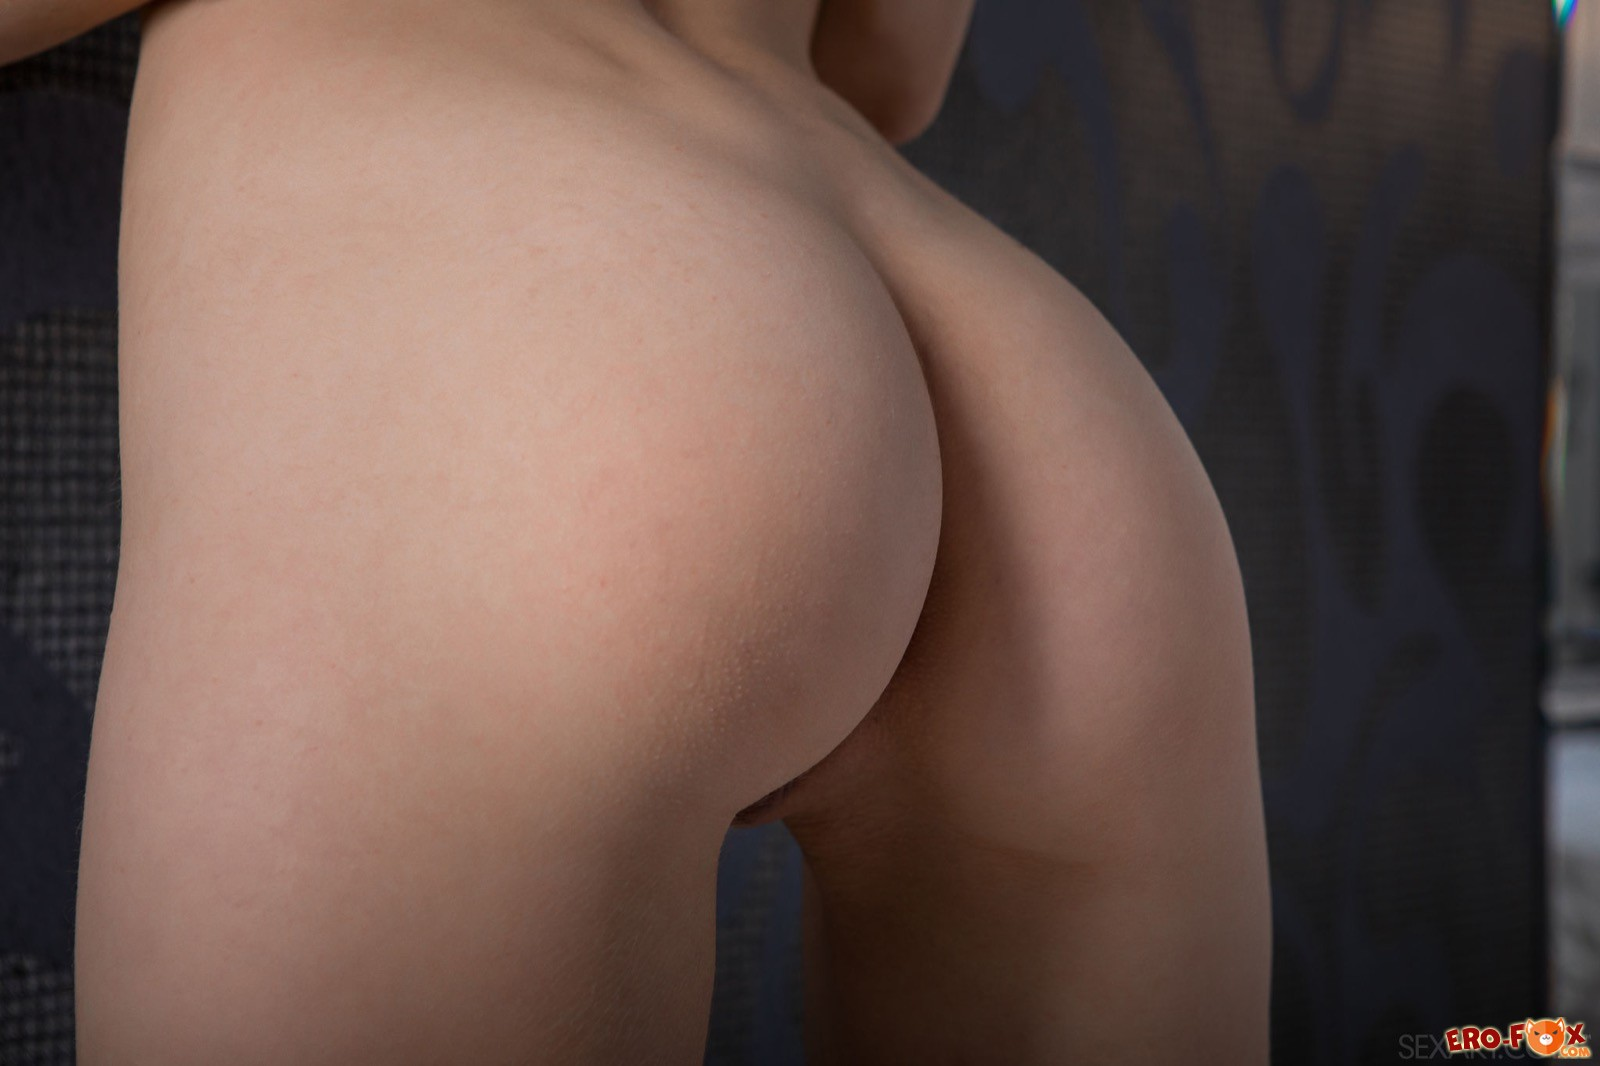 Молодая домохозяйка с красивым телом на кровати - фото